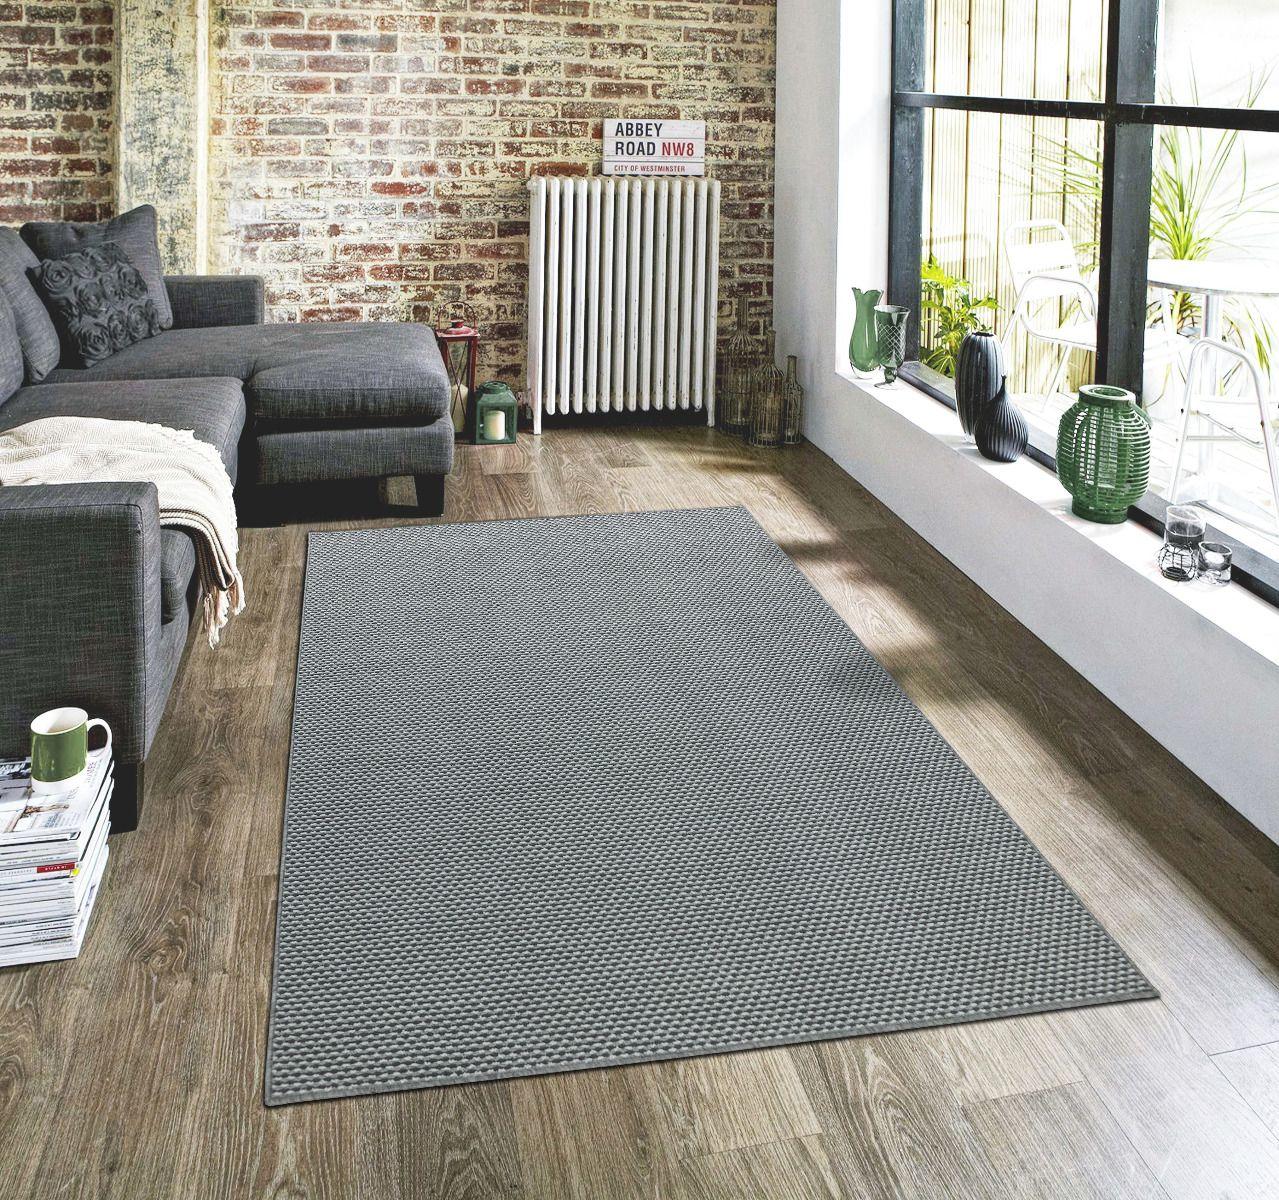 Nowoczesne wykładziny dywanowe w salonie jako dywan